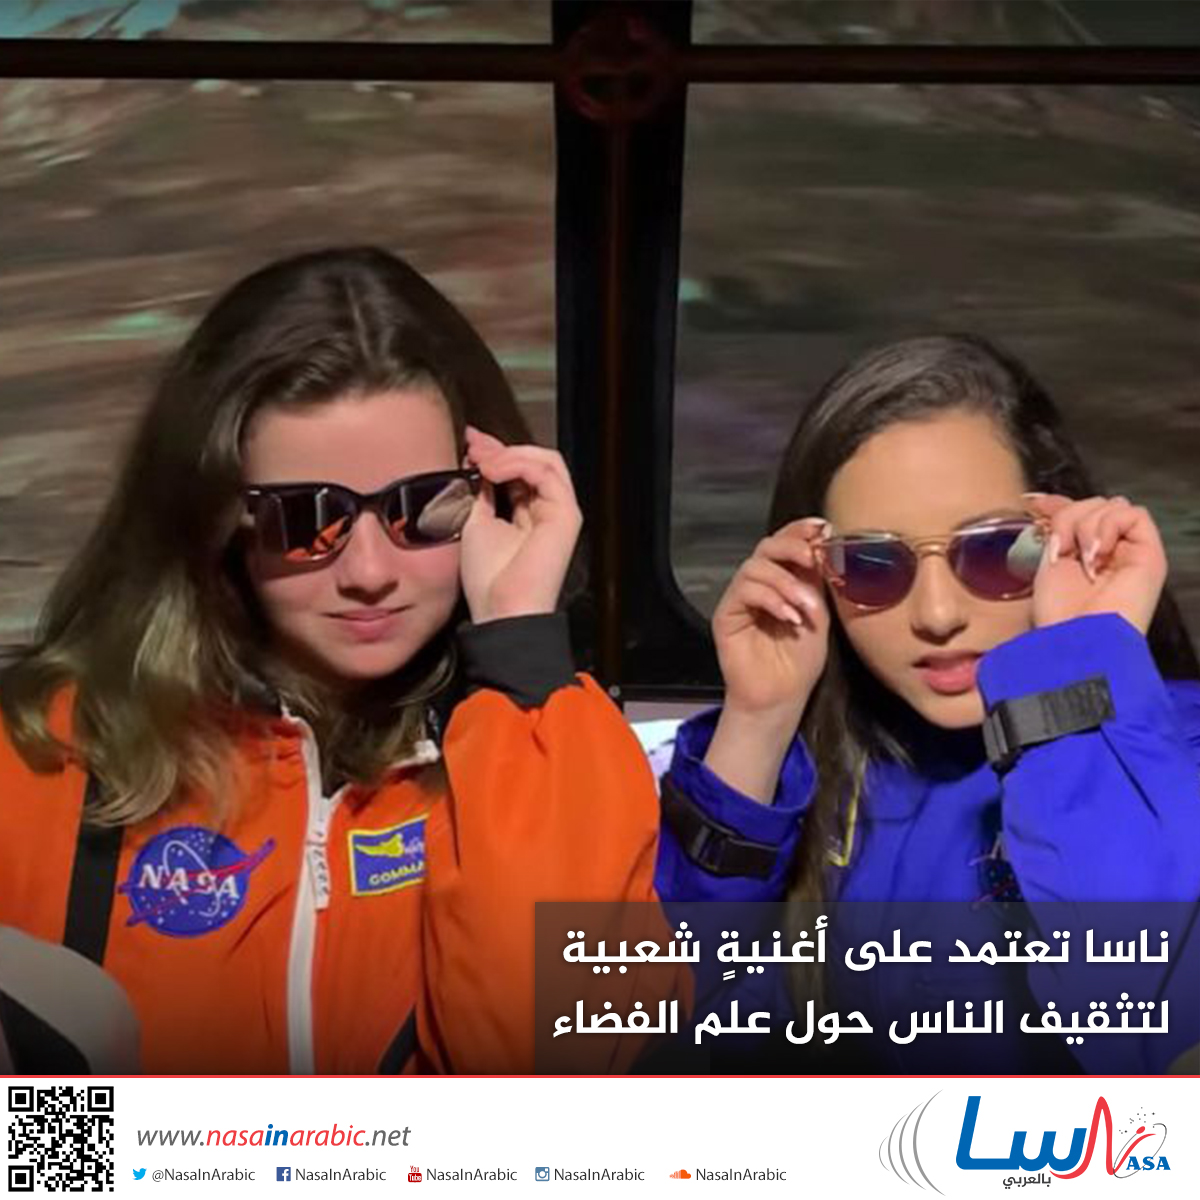 ناسا تعتمد على أغنيةٍ شعبية لتثقيف الناس حول علوم الفضاء